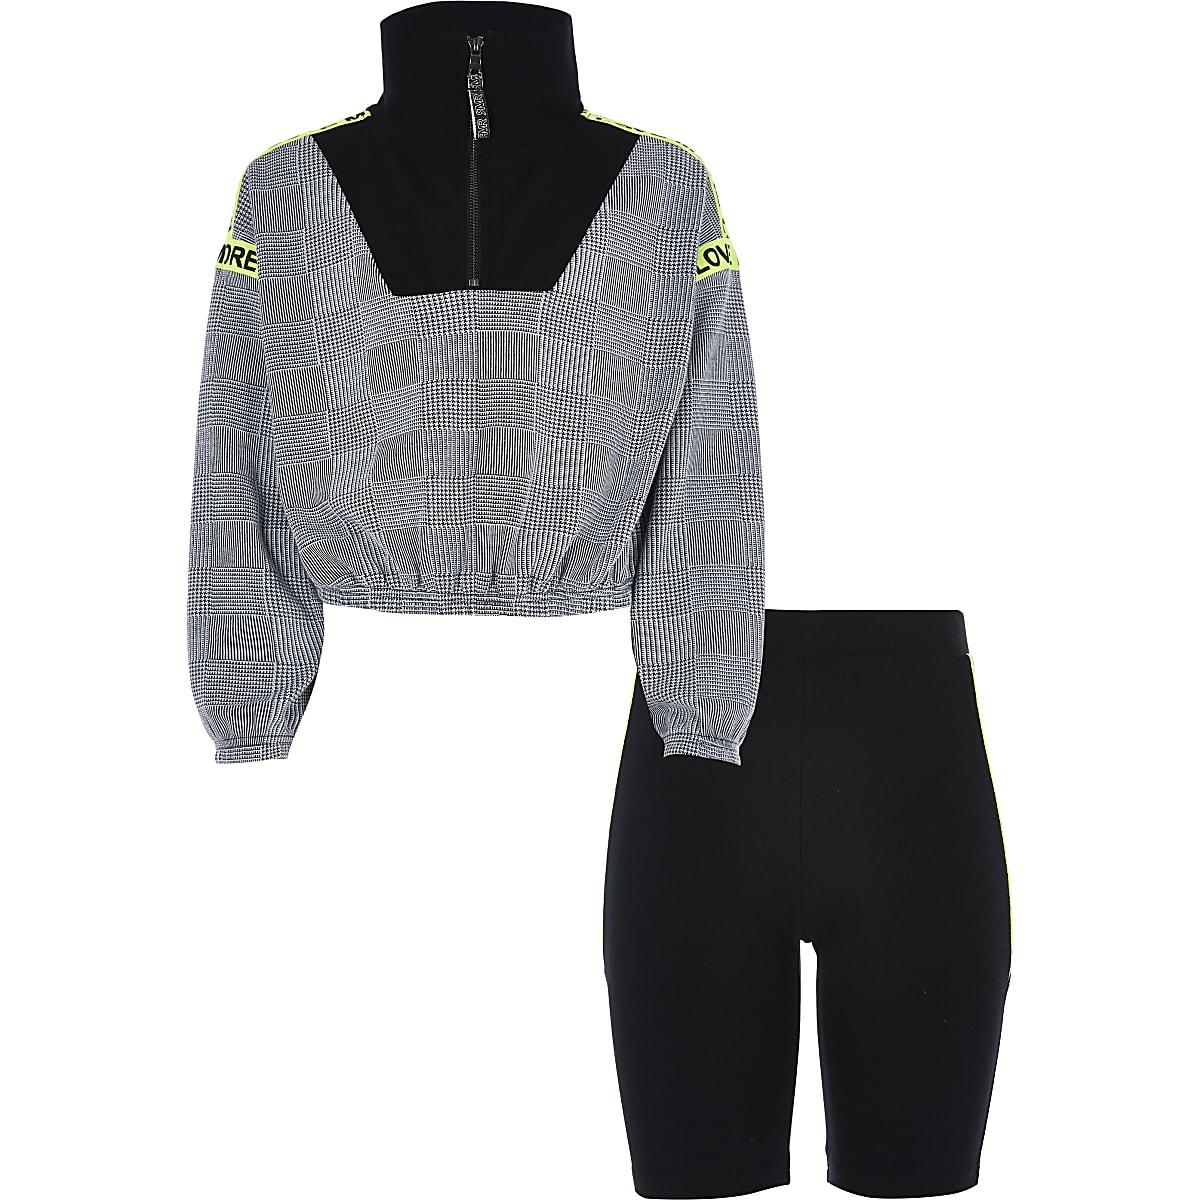 Outfit met zwarte geruite top met opstaande kraag voor meisjes